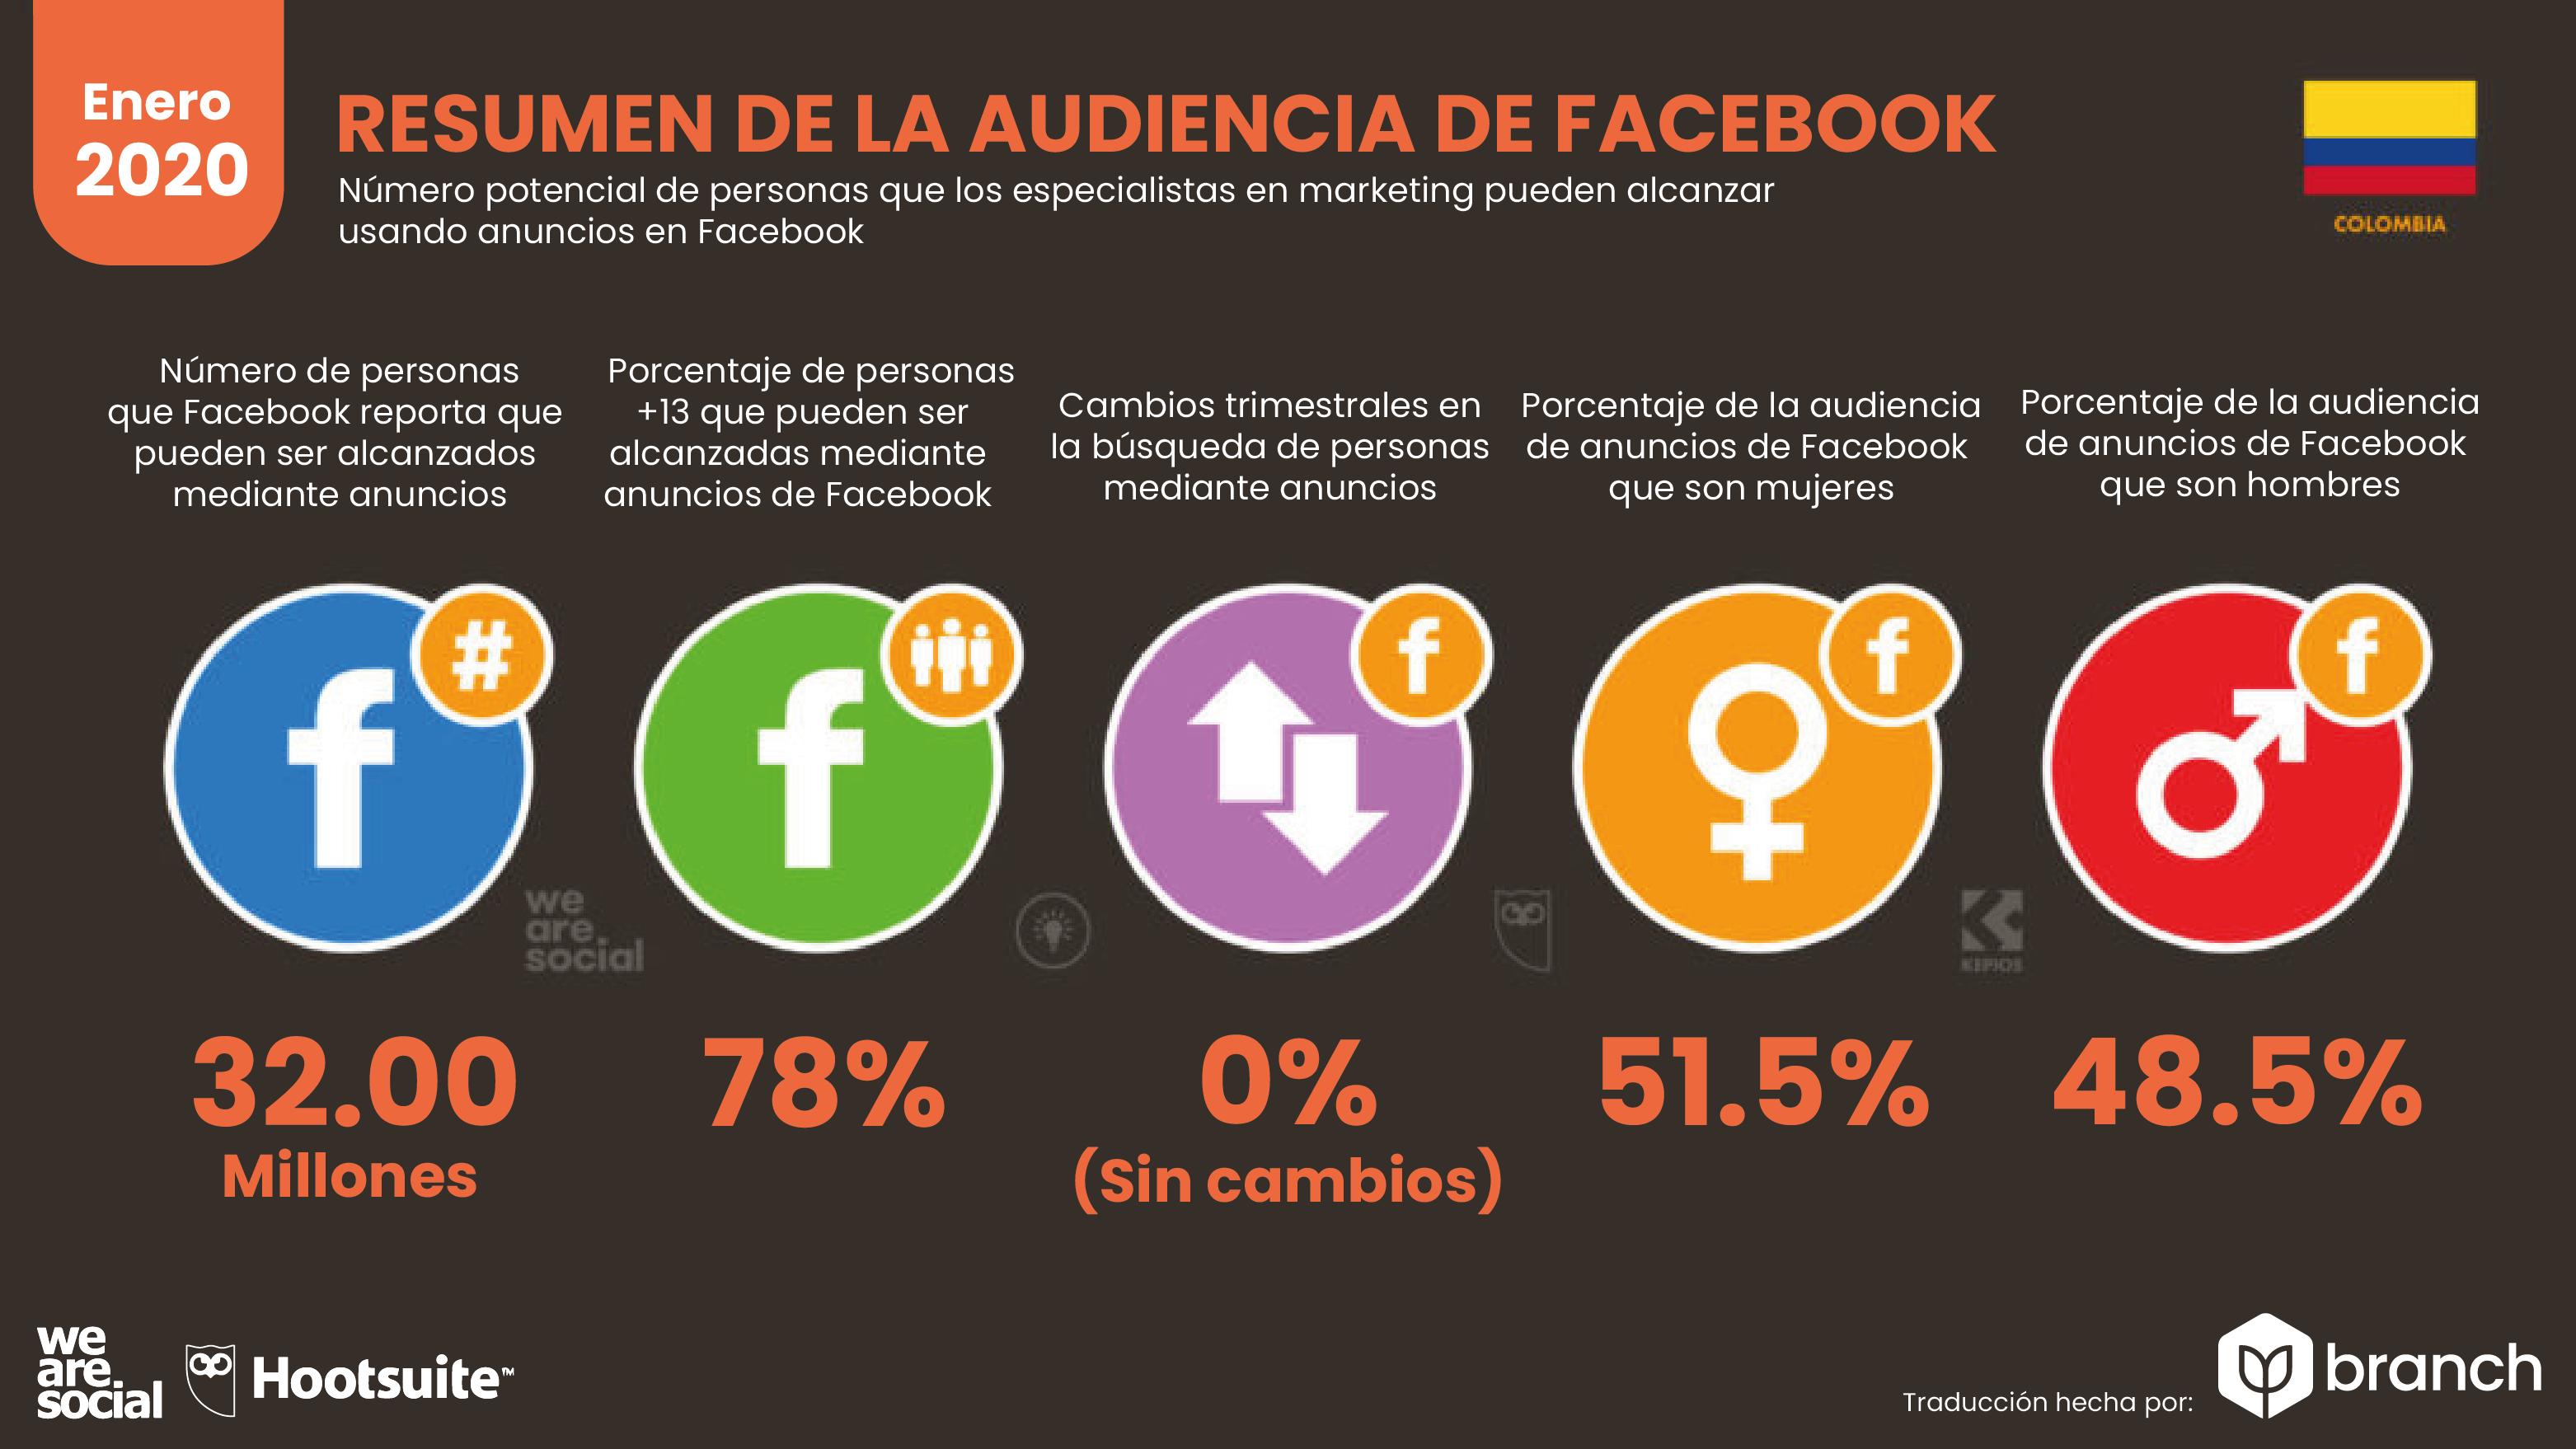 resumen-de-audiencia-en-facebook-colombia-2019-2020